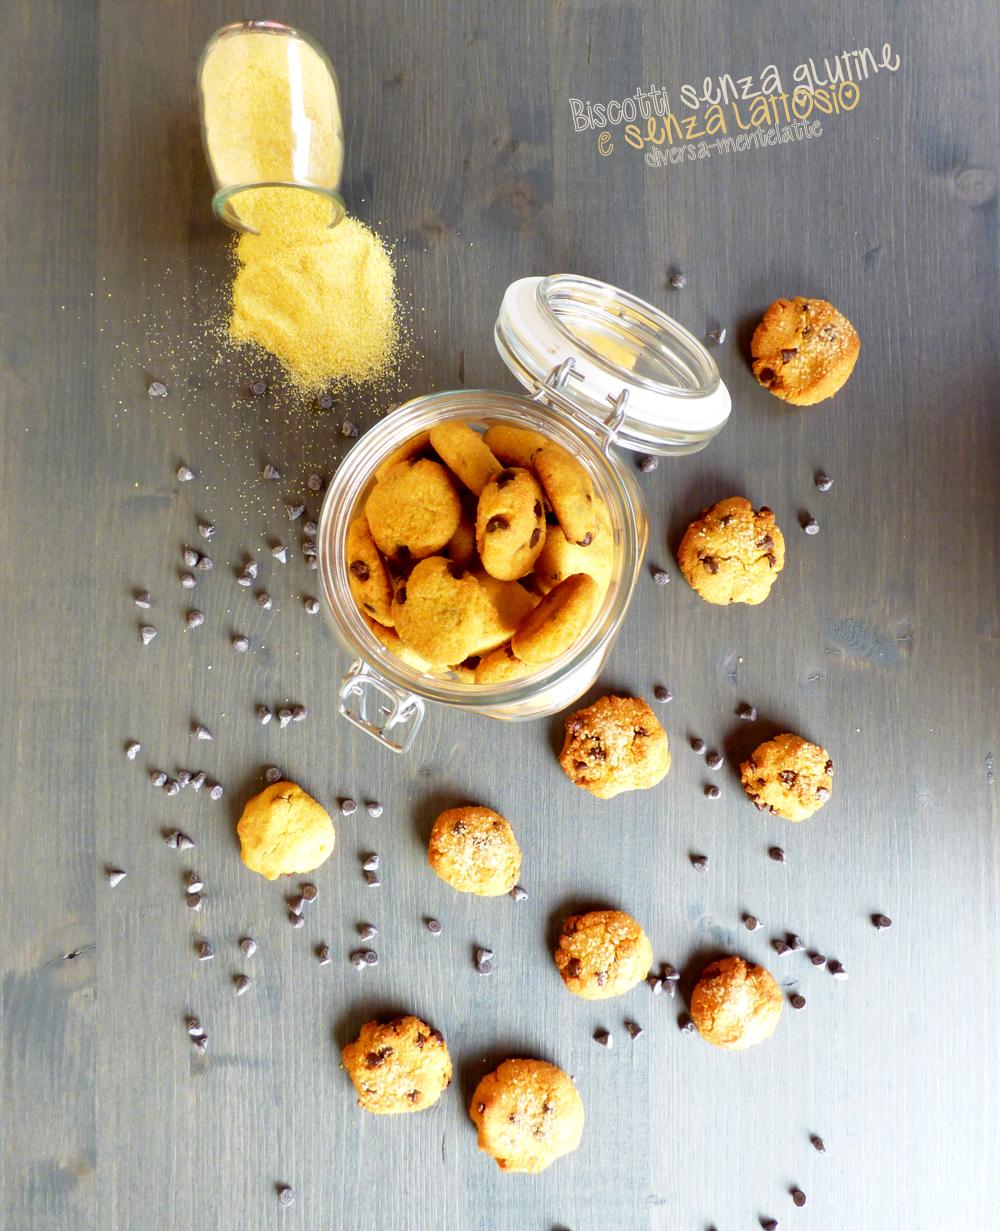 biscotti lactose-free